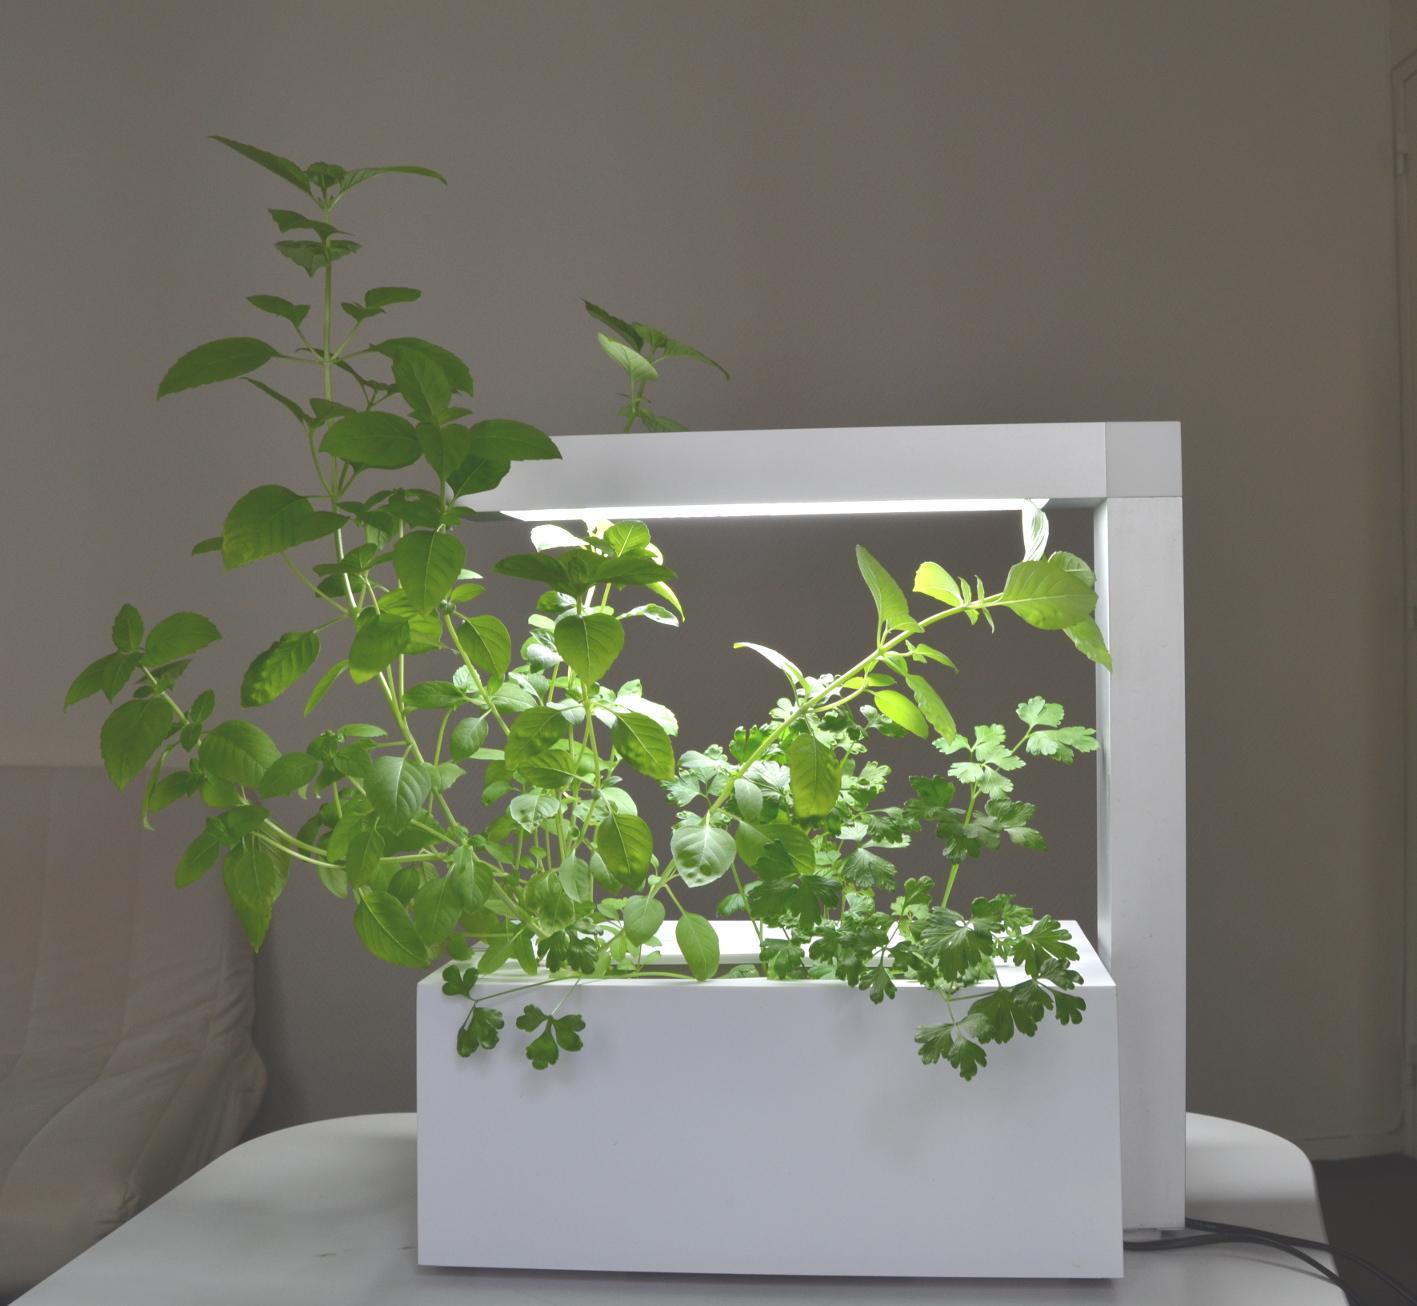 Faire Pousser Du Persil En Appartement jardinage intérieur.fr - le blog | retrouvez tous nos